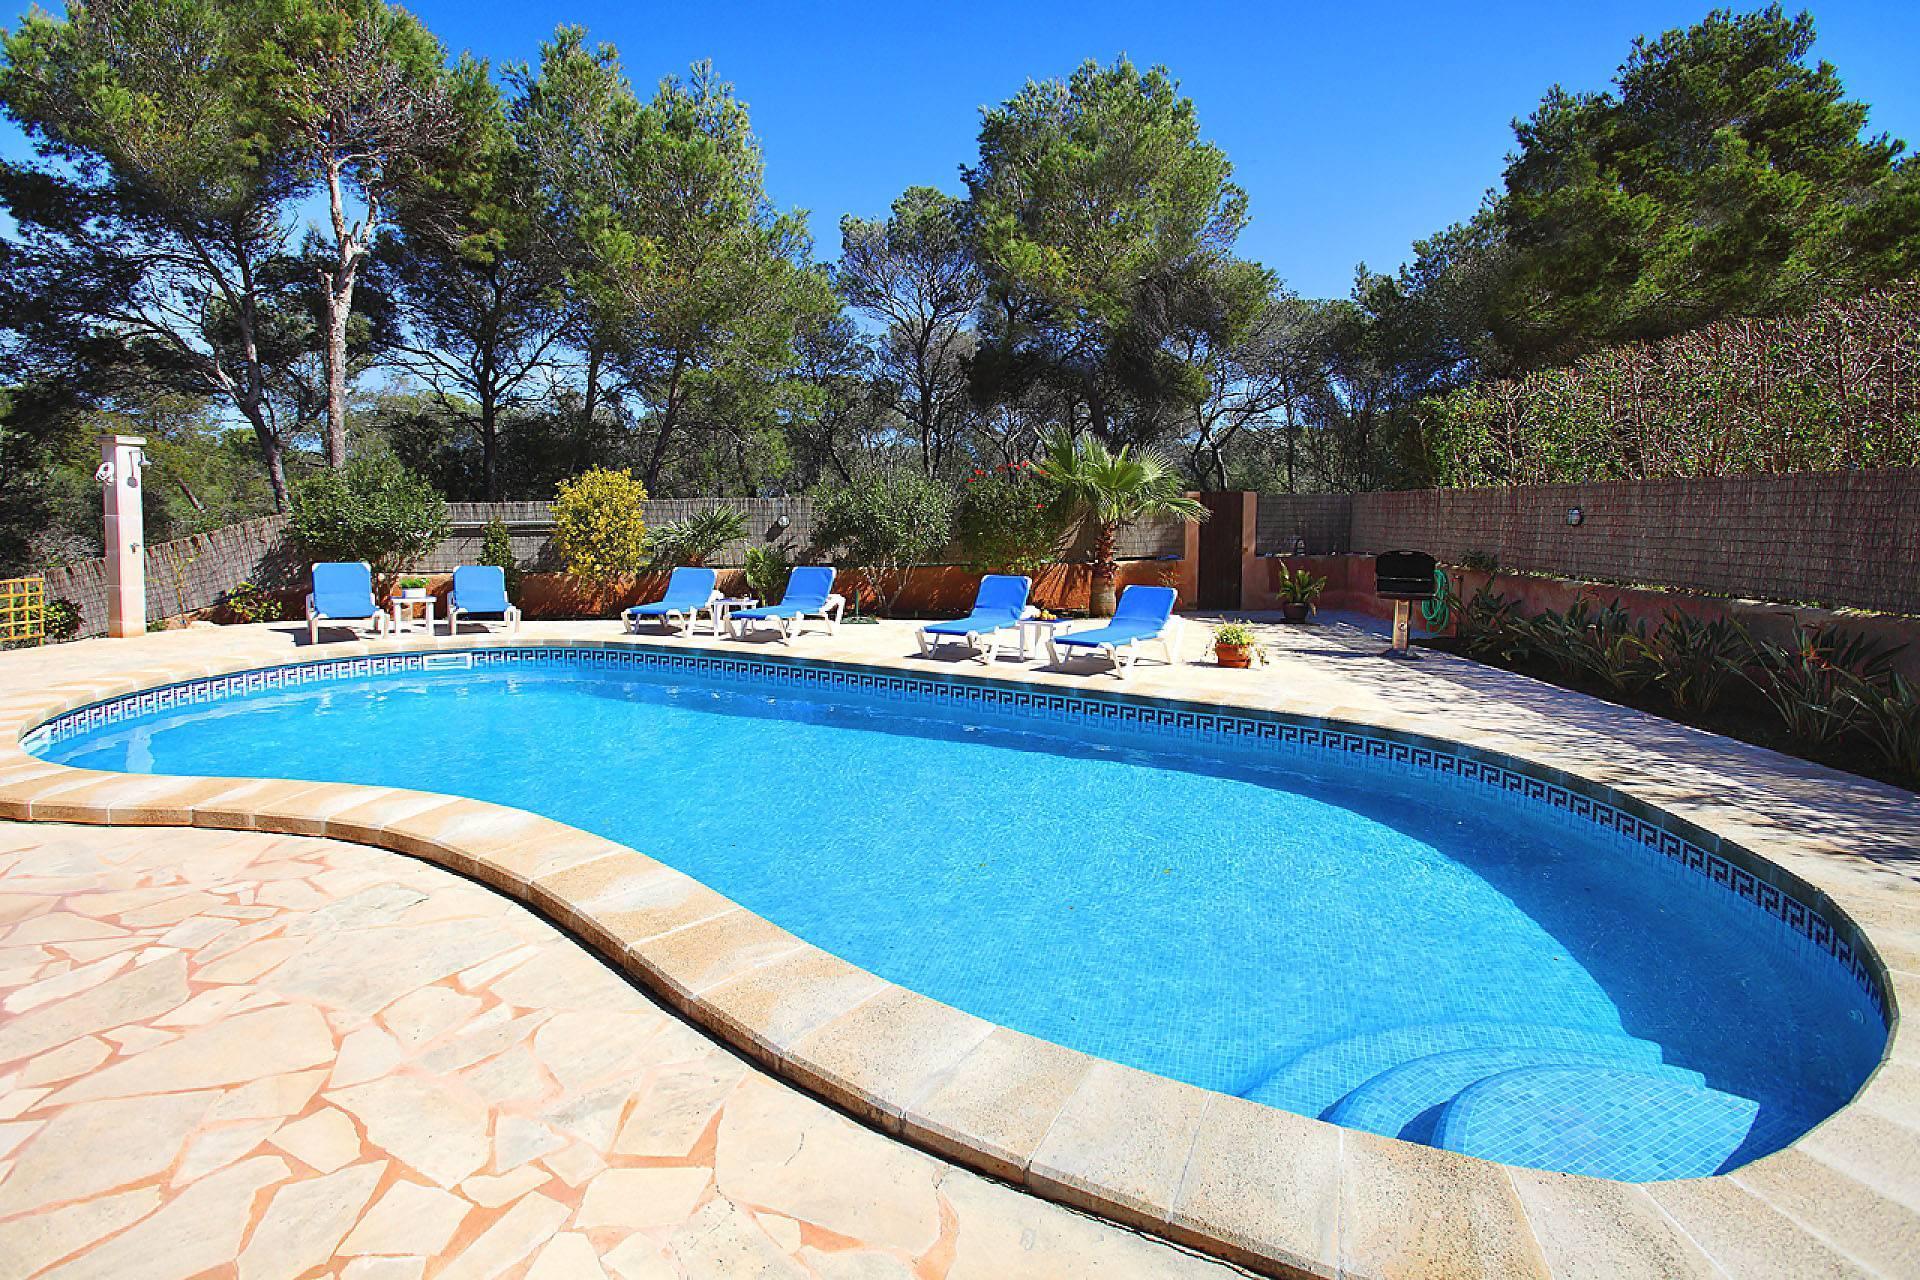 01-174 Gemütliches Ferienhaus Mallorca Süden Bild 6